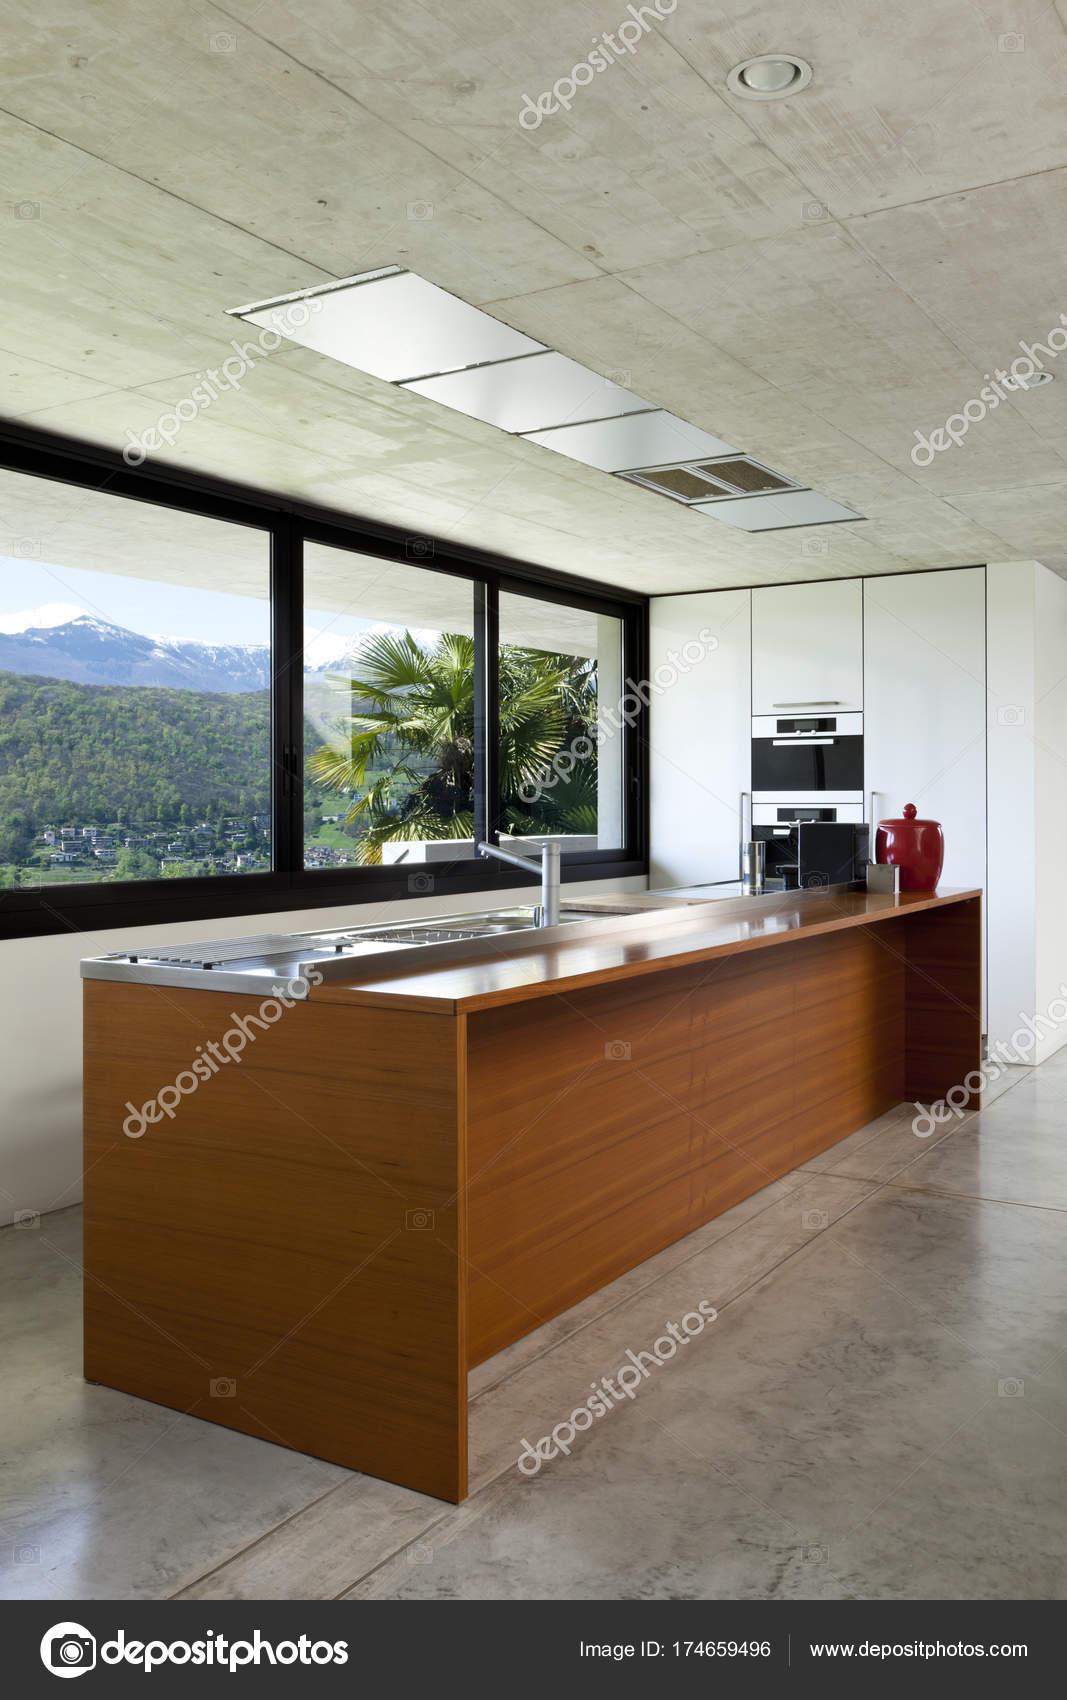 Fabelhaft Schöne Einrichtung Galerie Von Schönes Modernes Zement Hölzerne Kücheninsel — Stockfoto